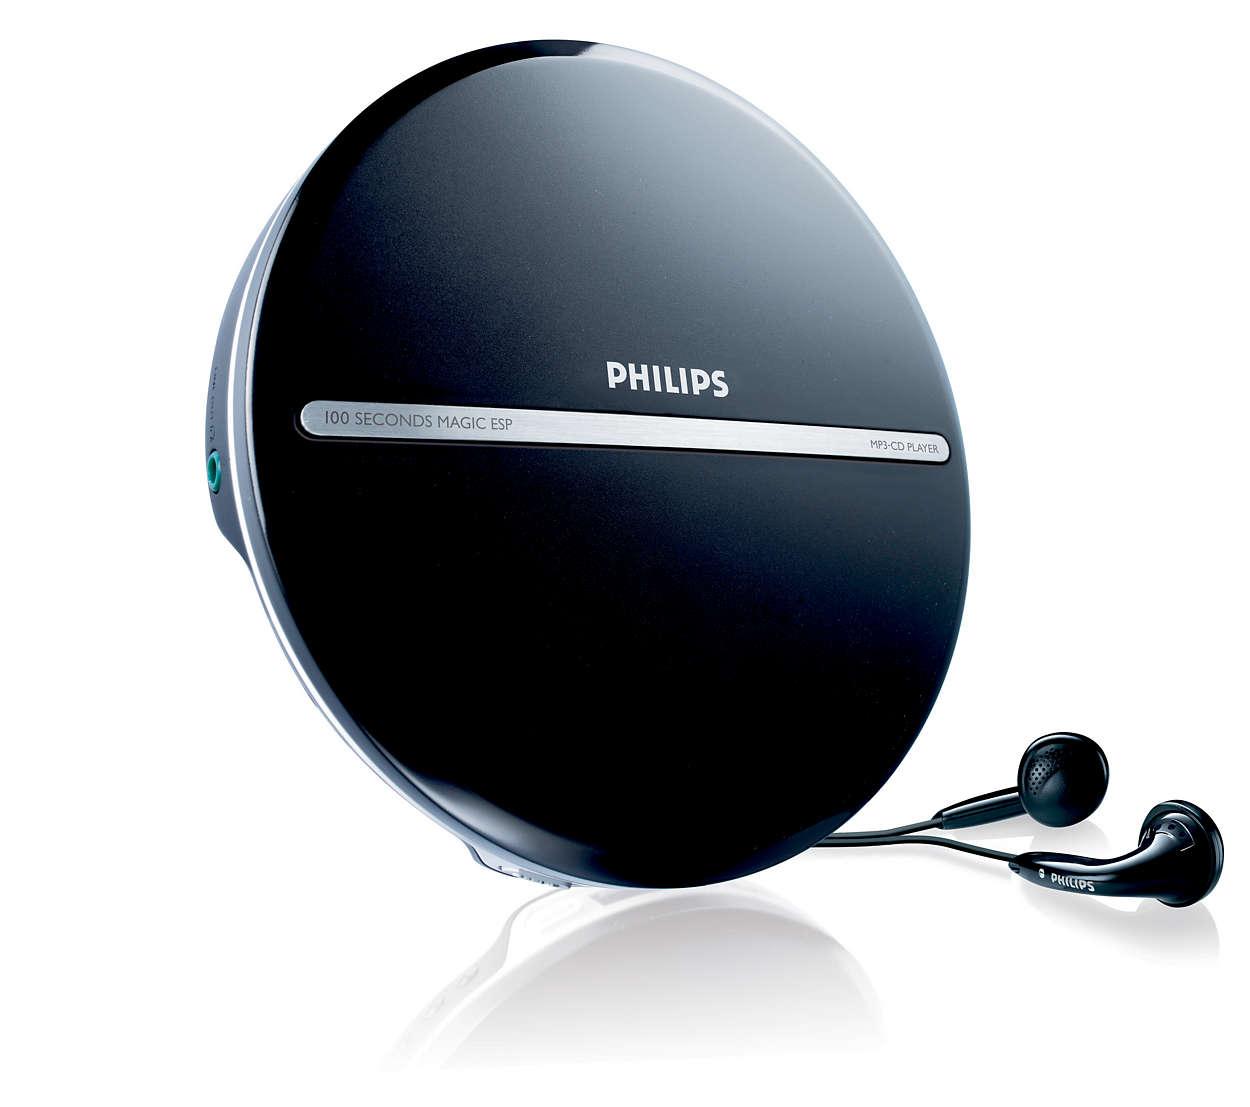 Élvezze az akadozásmentes MP3 zenét!